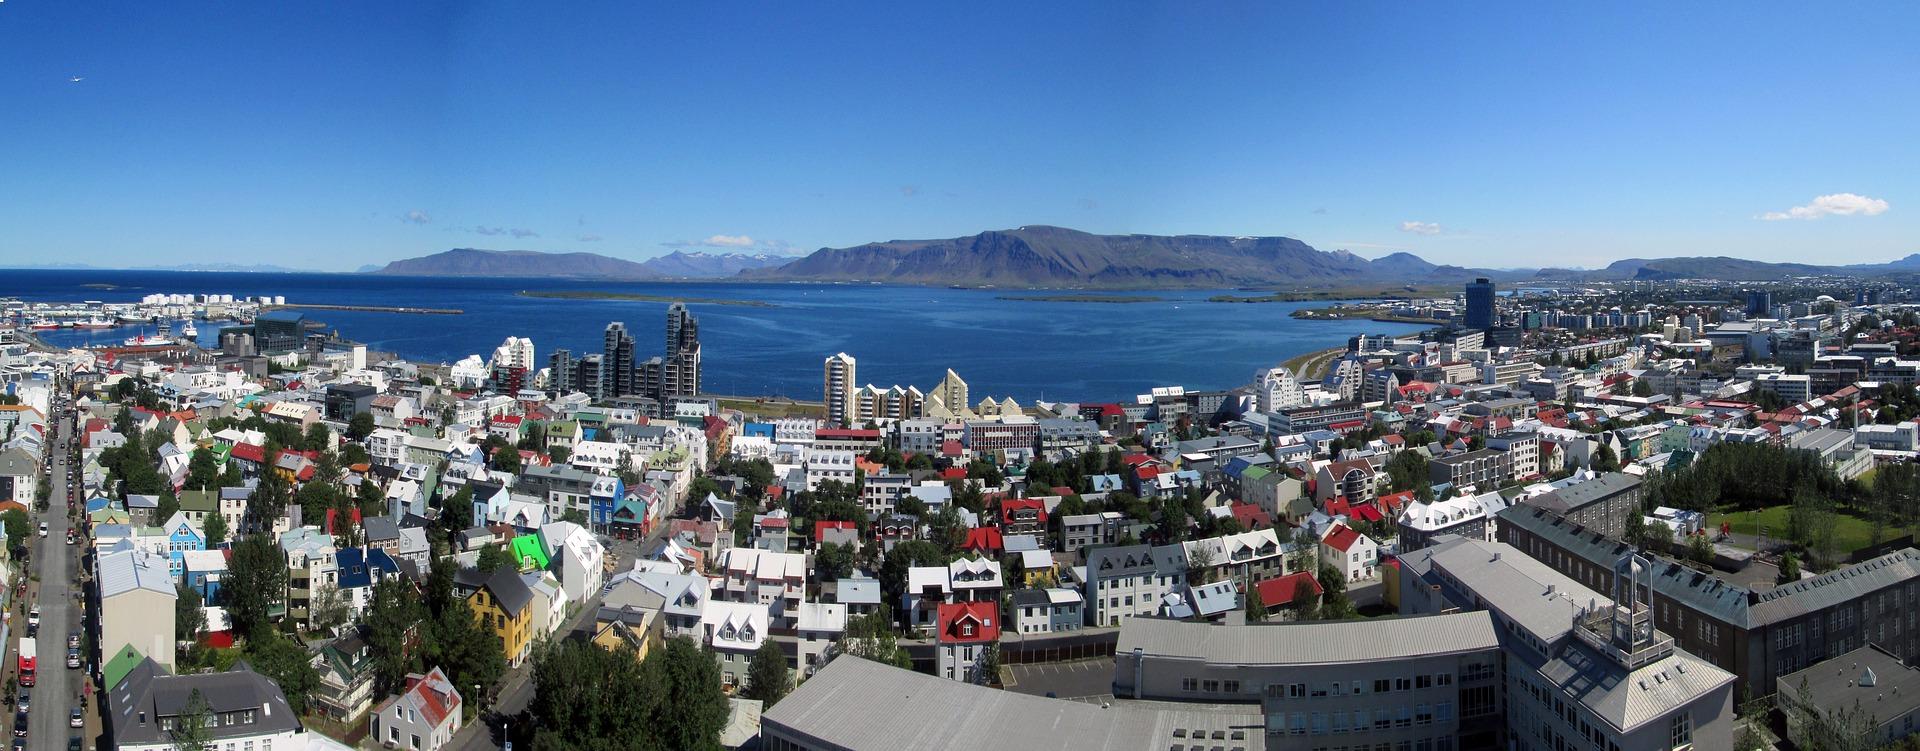 Исландия – ледяная земля с «горячим сердцем»